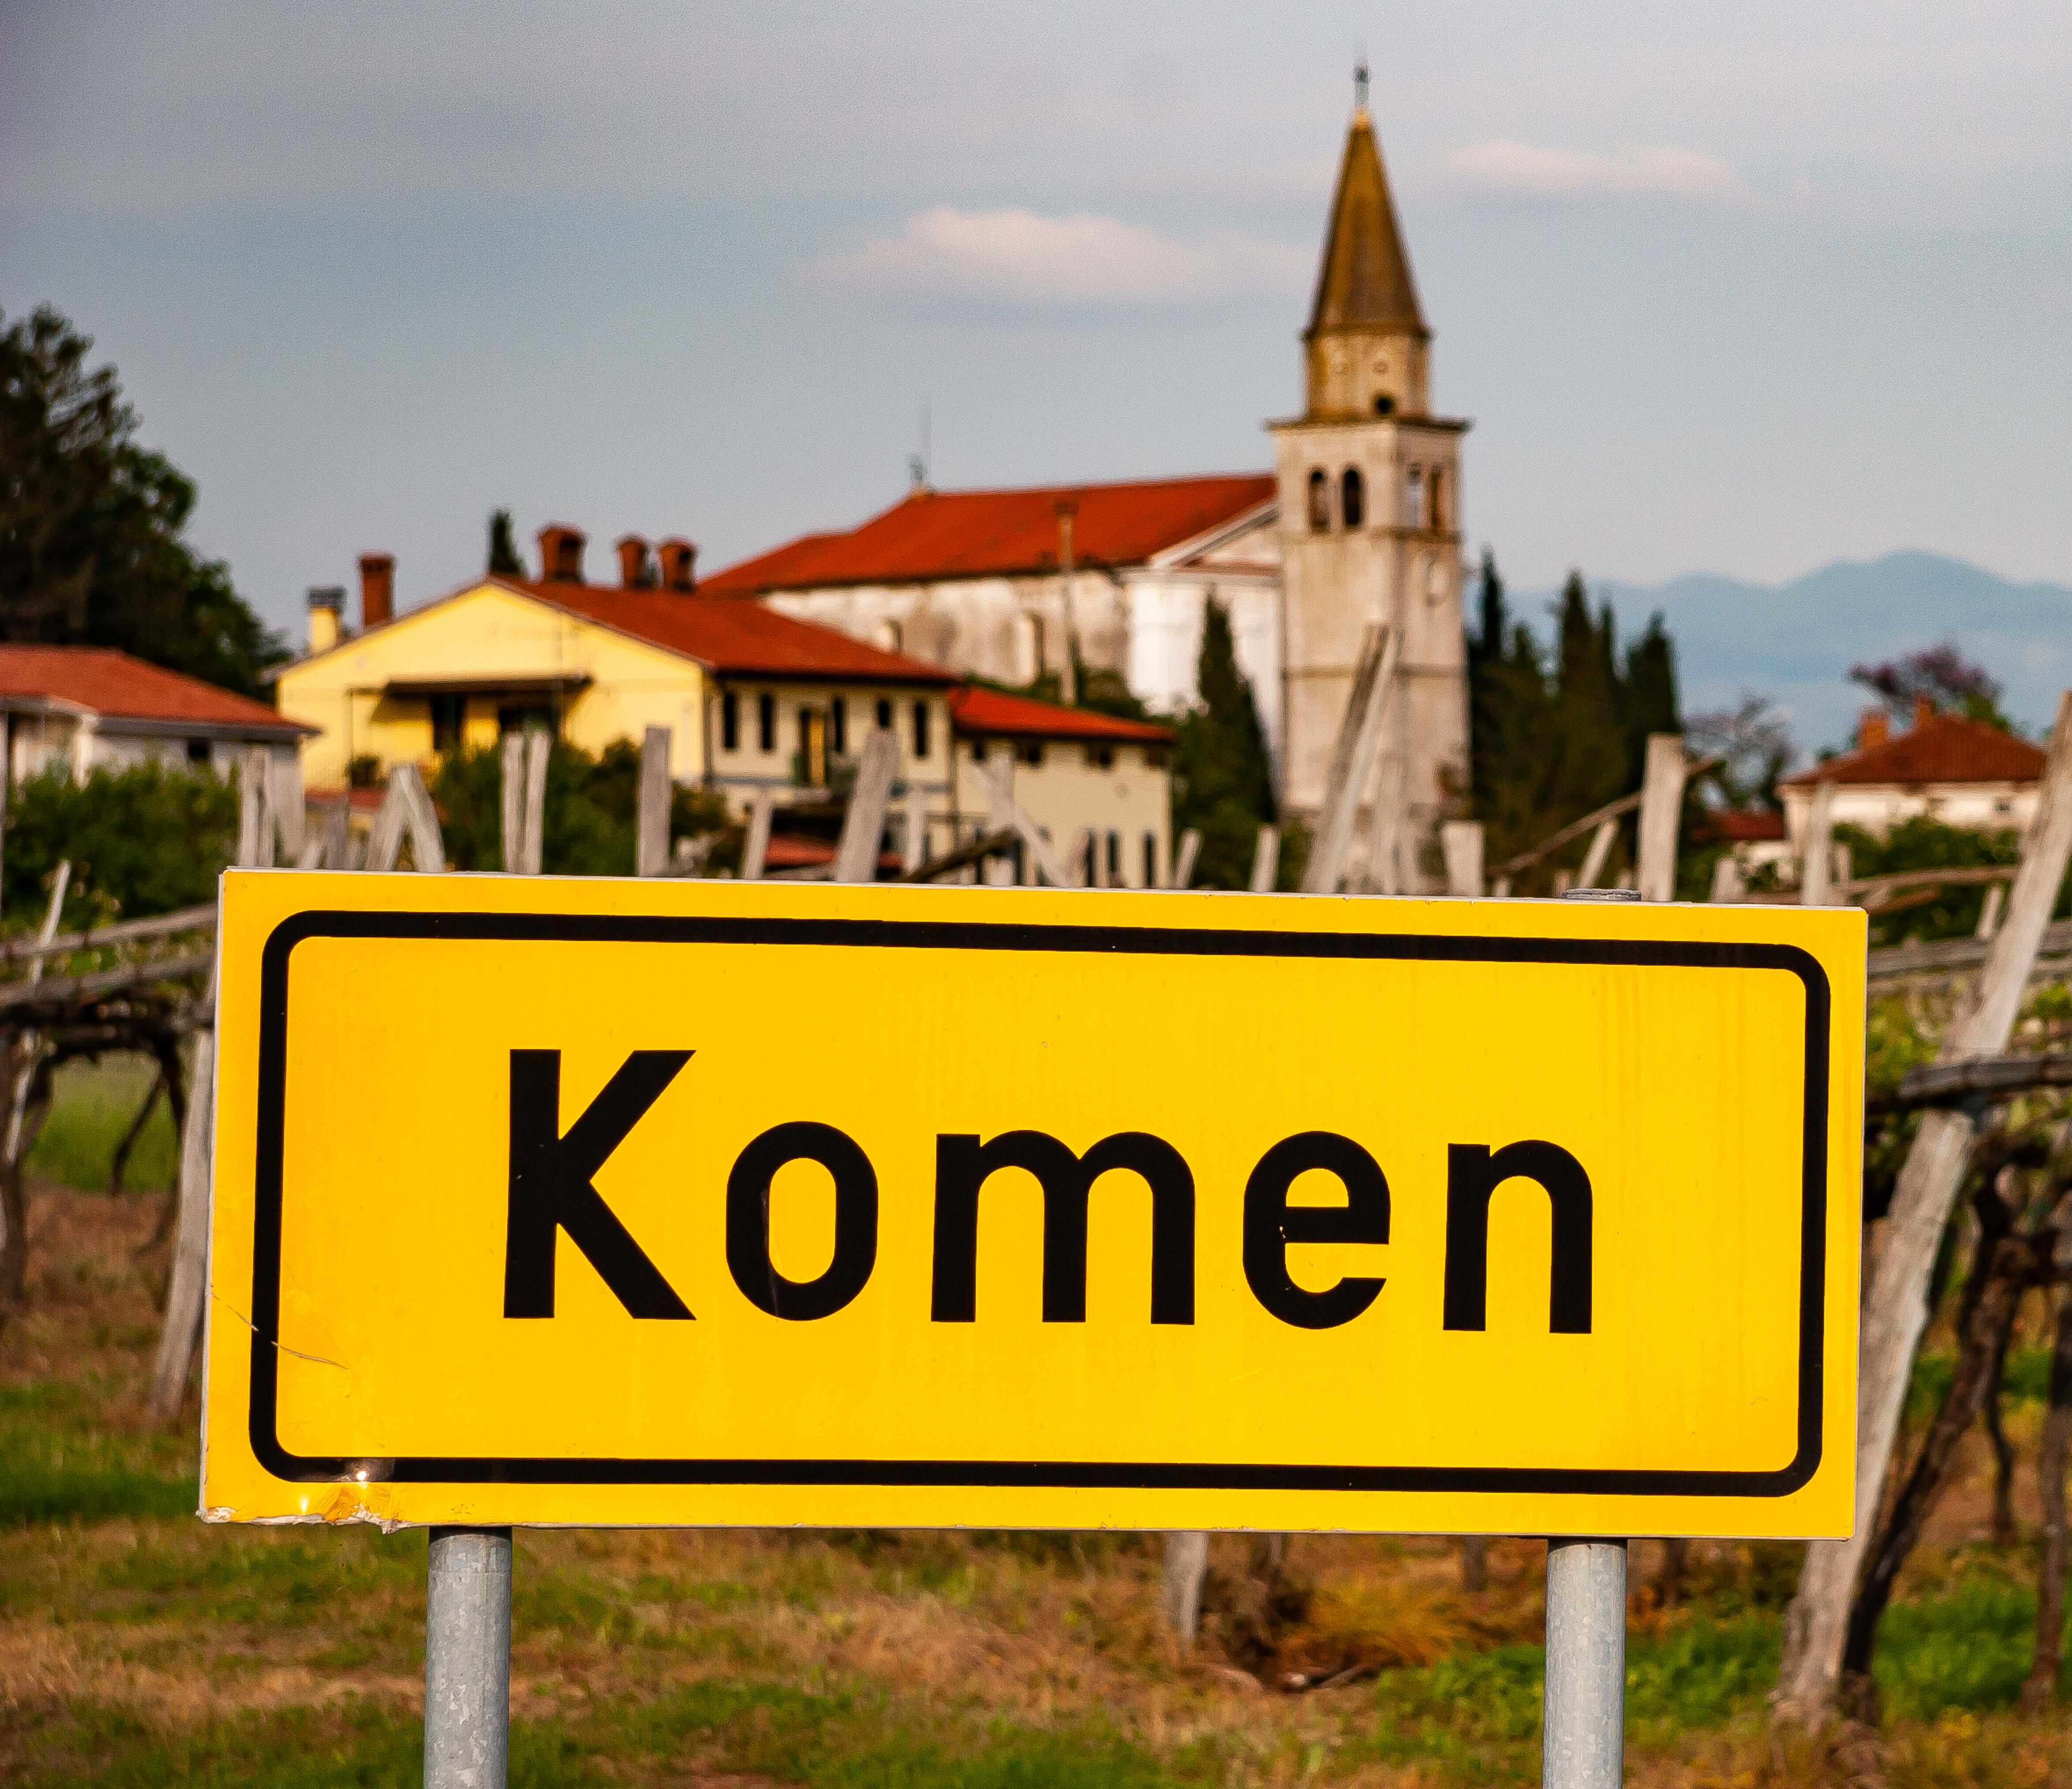 Slovenia, Komen Prov, Komen Sign, 2006, IMG 6796